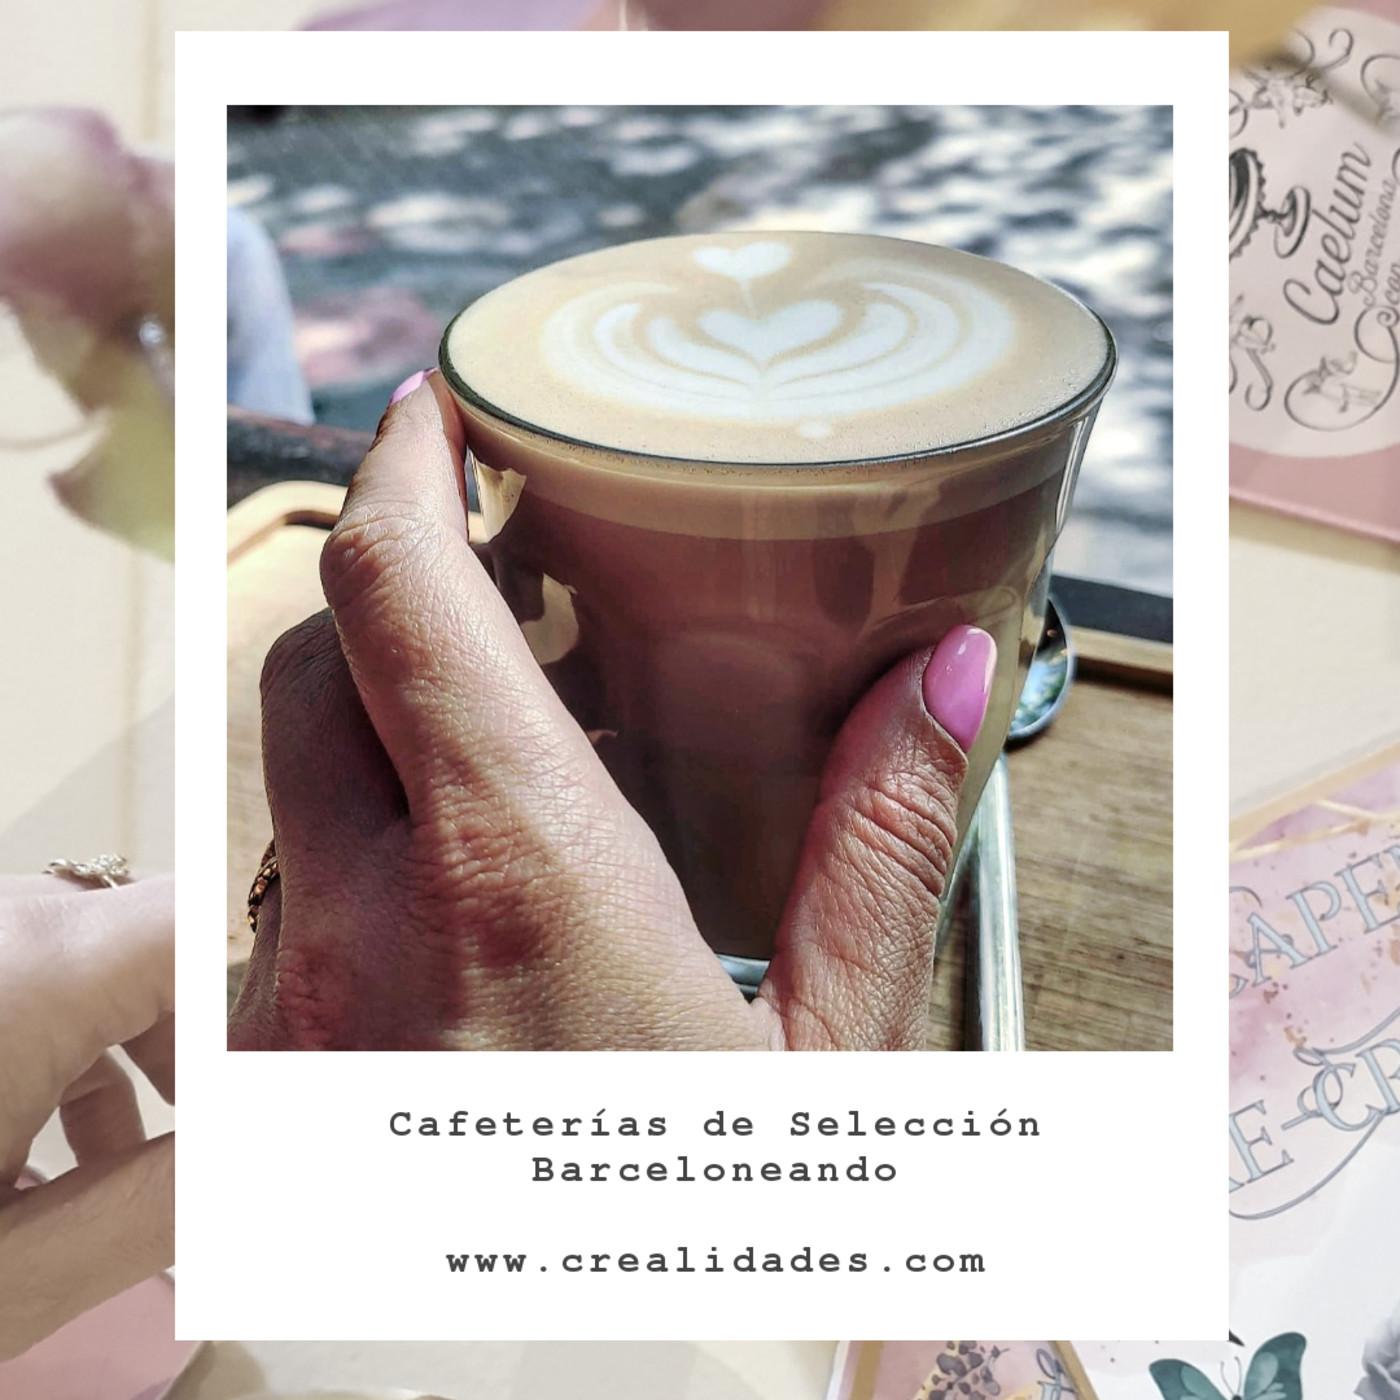 Cafeterías de selección - Barceloneando 56